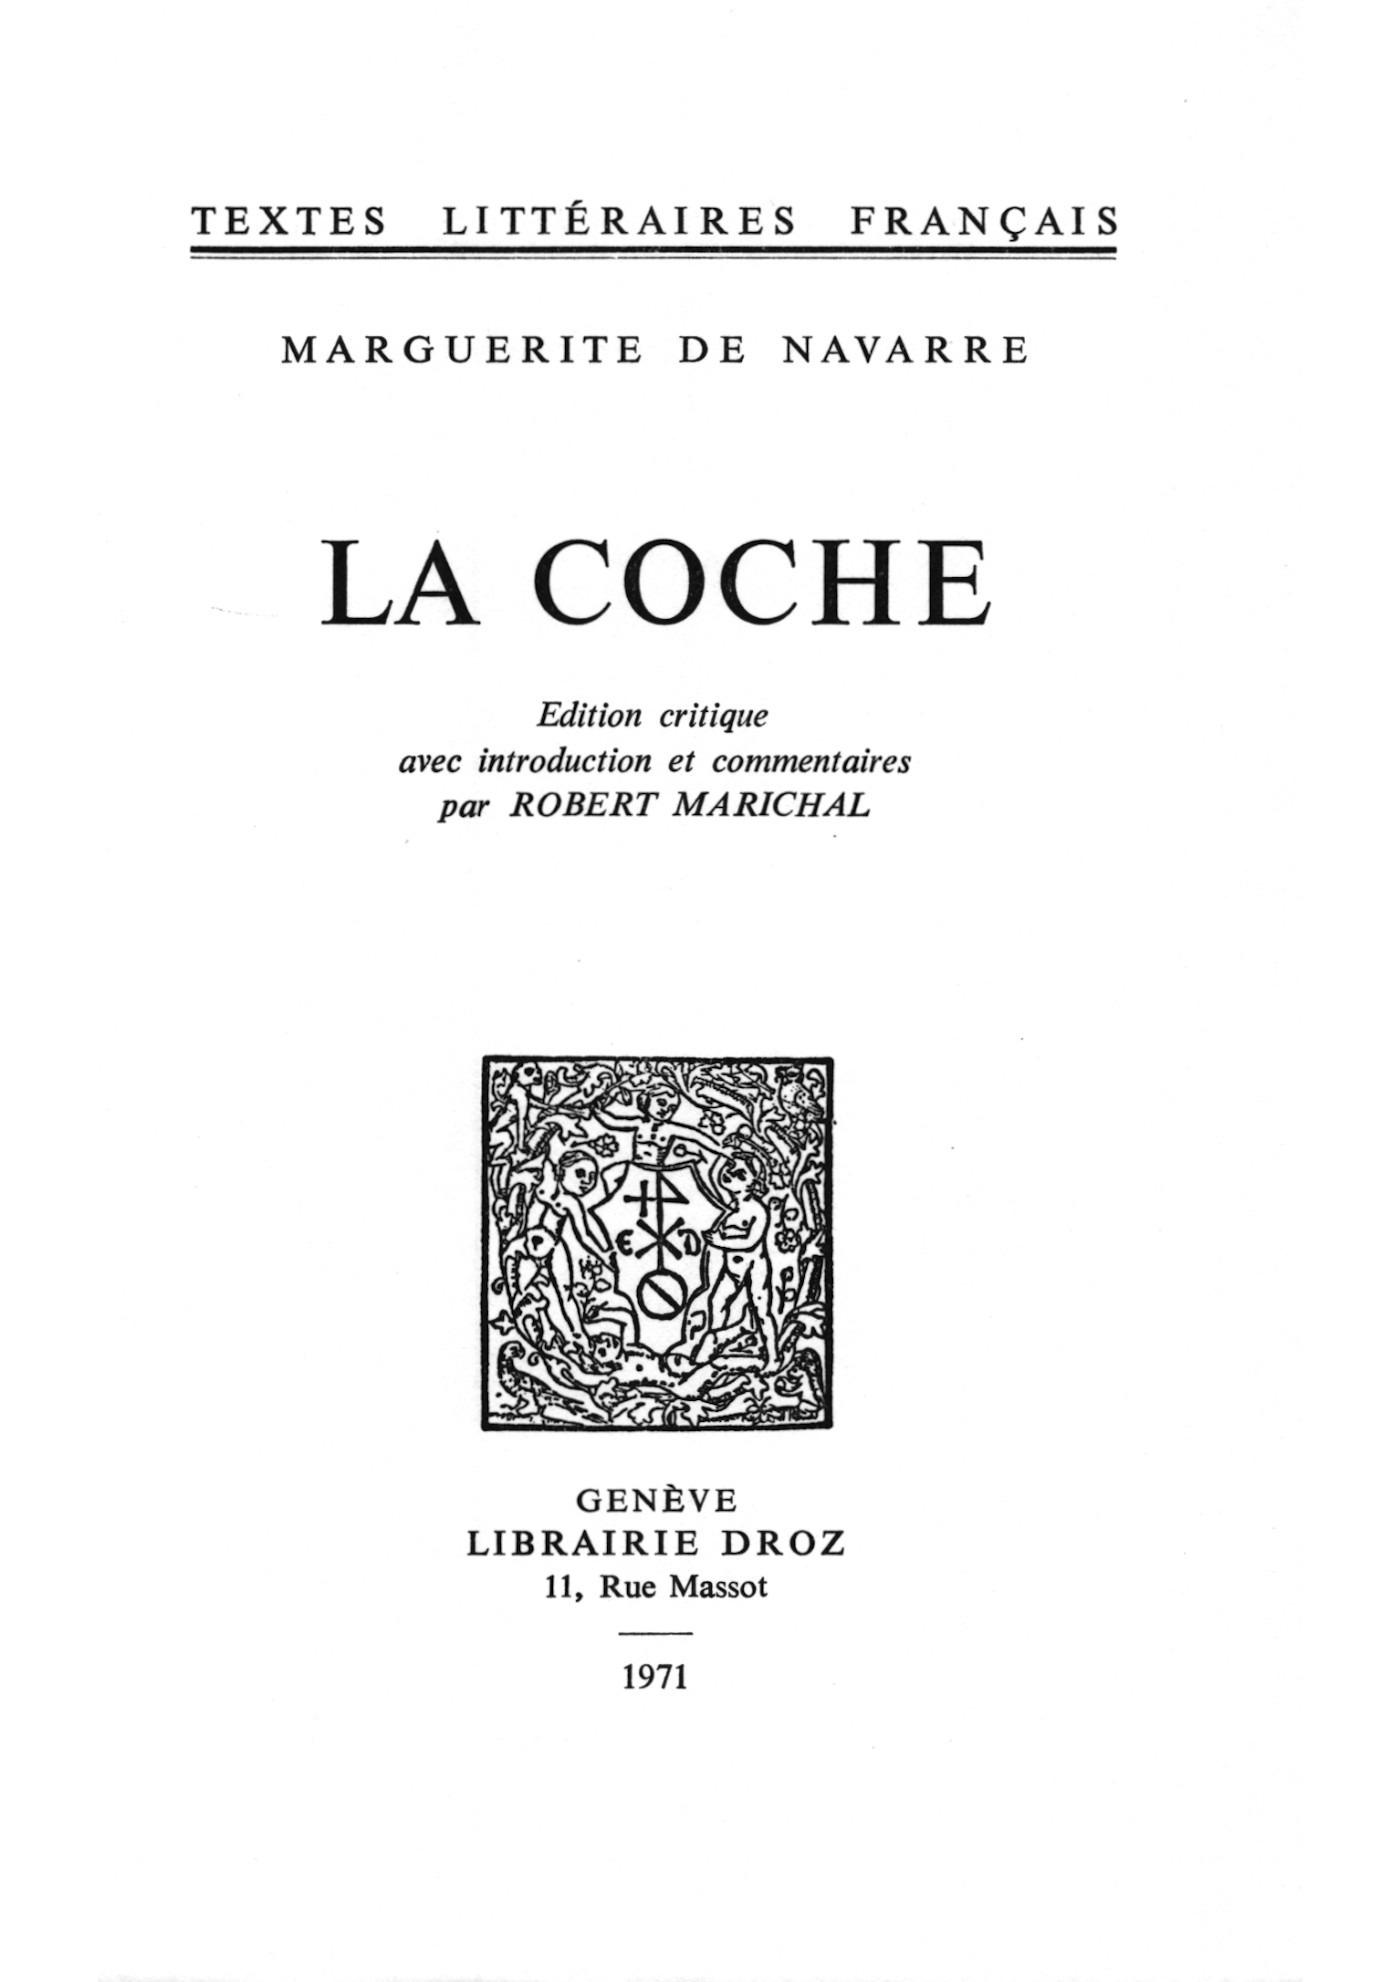 La Coche  - Marguerite De Navarre